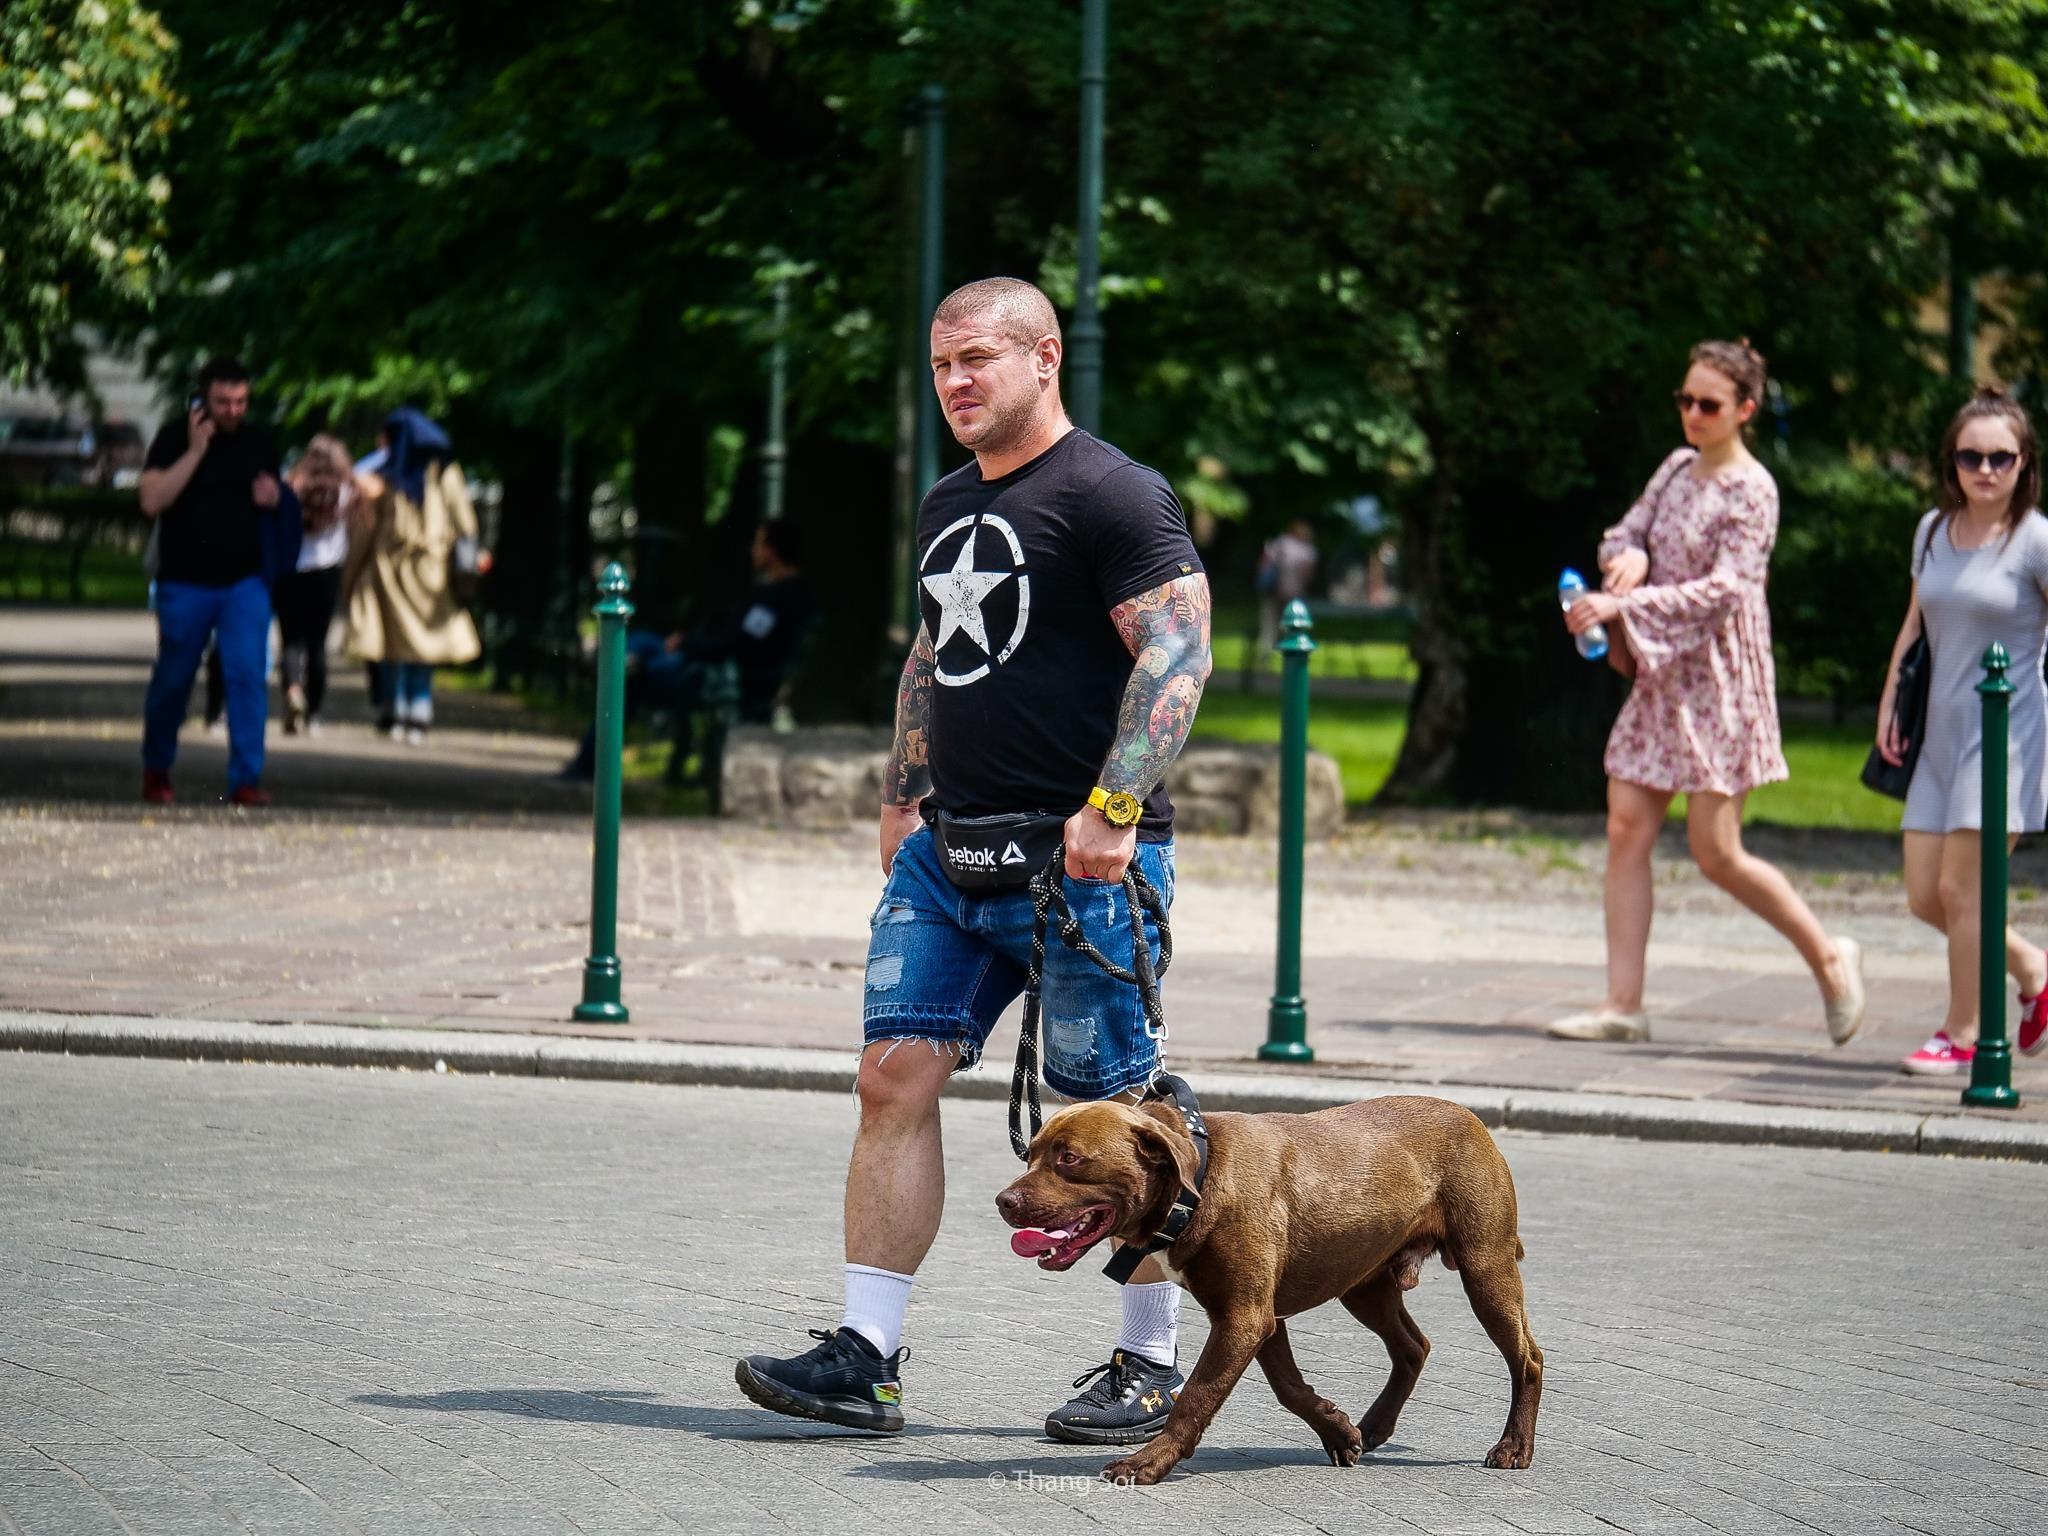 Krakow, kinh do co phai ghe tham khi den Ba Lan hinh anh 12